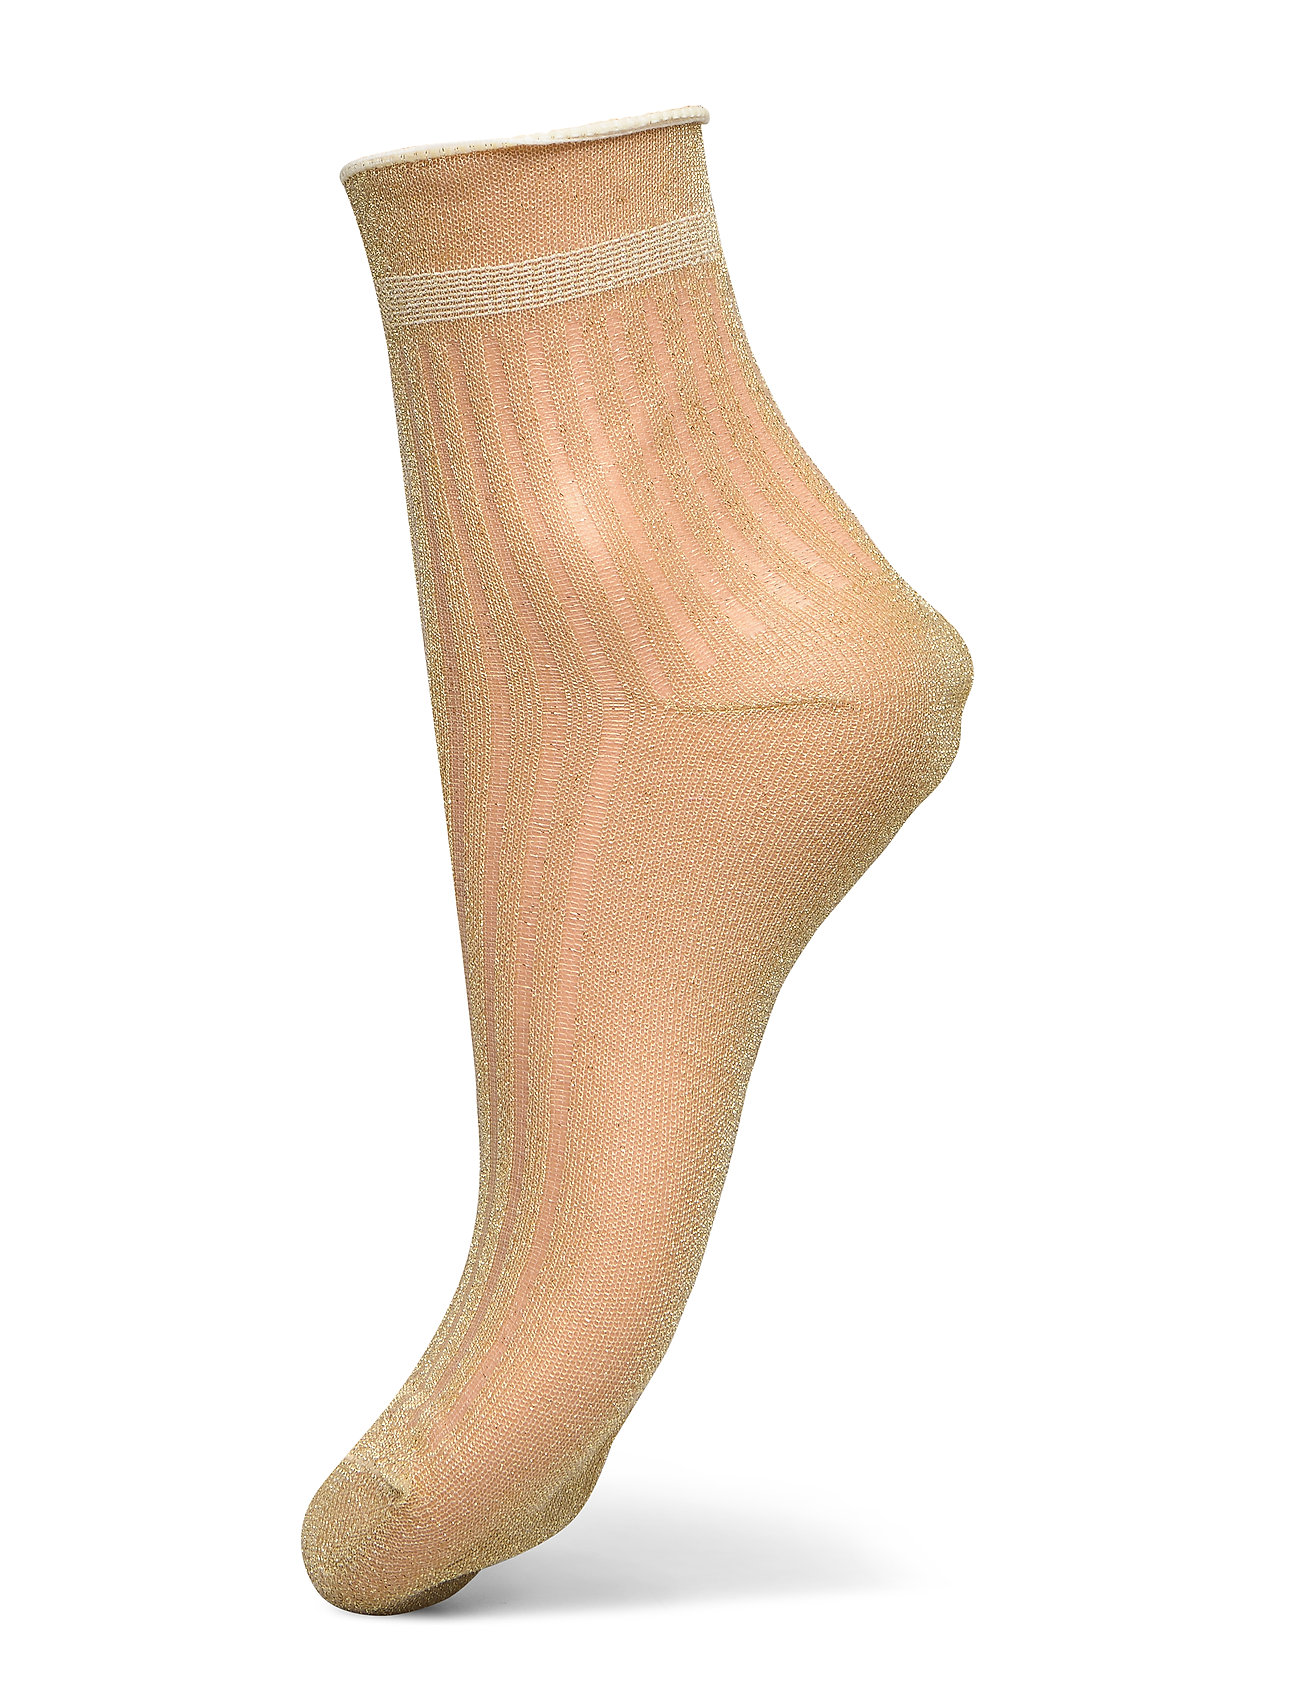 Decoy DECOY ankle glitter needledrop - GOLDEN